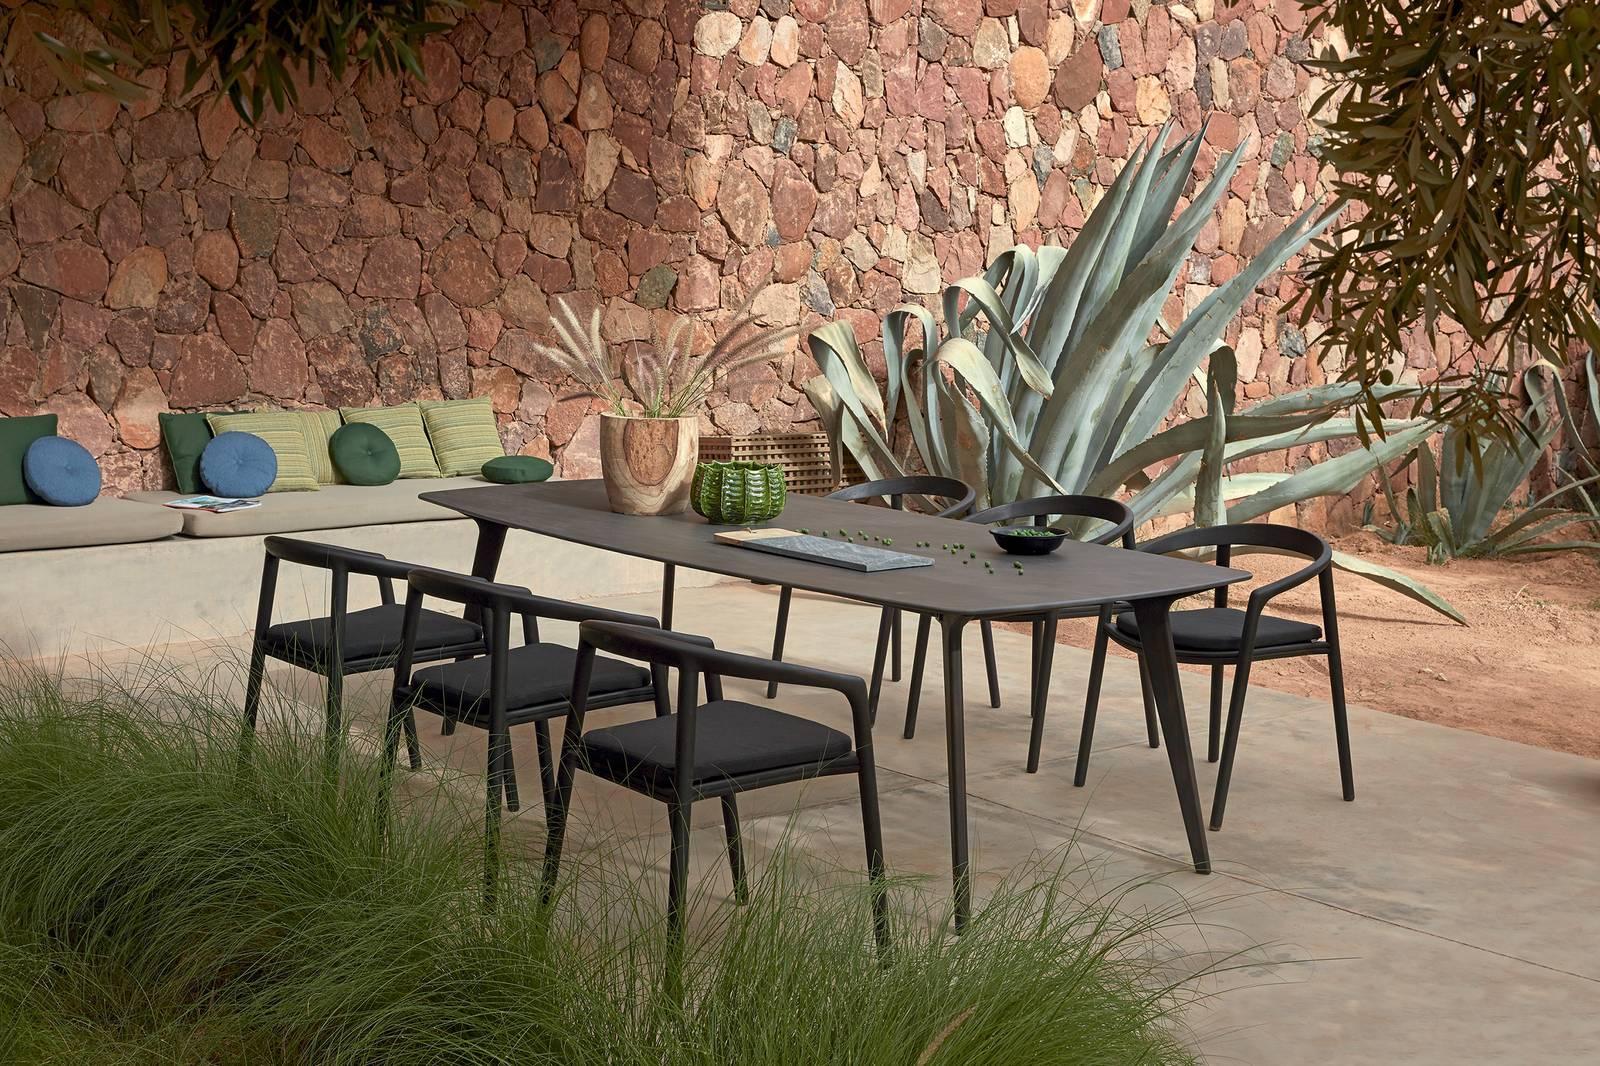 Tavolo In Teak Usato : I nuovi tavoli con finiture sempre un po speciali. dal marmo alle